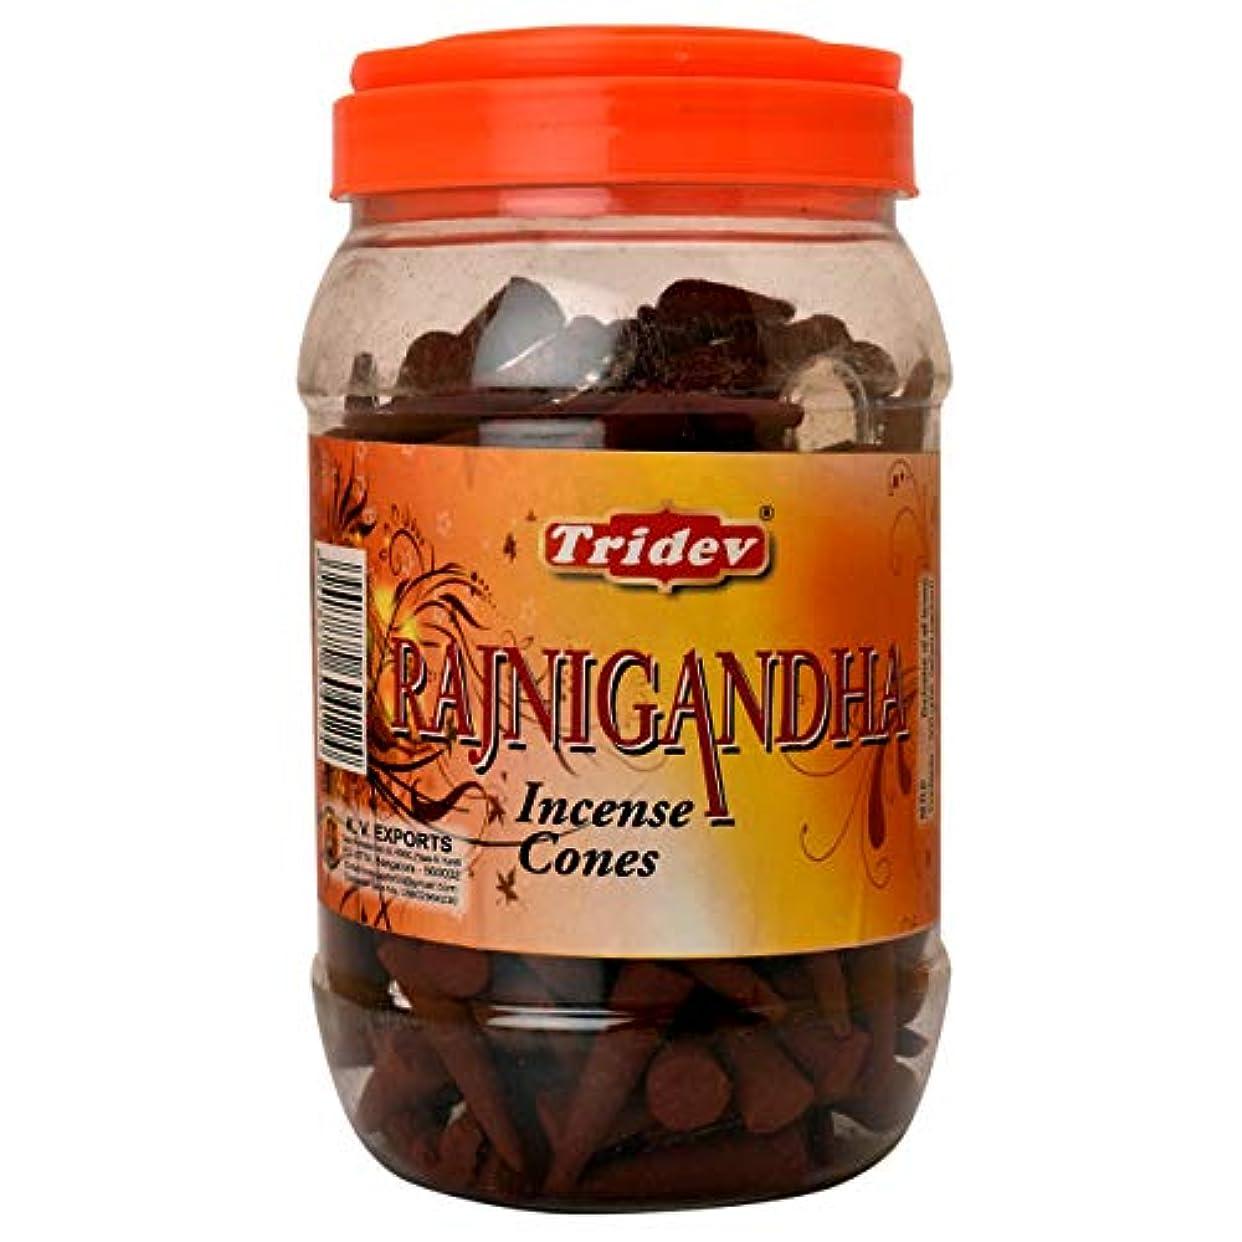 不適切なトリッキー盗賊Tridev Rajnigandha Incense Cones Jar 500グラムパック